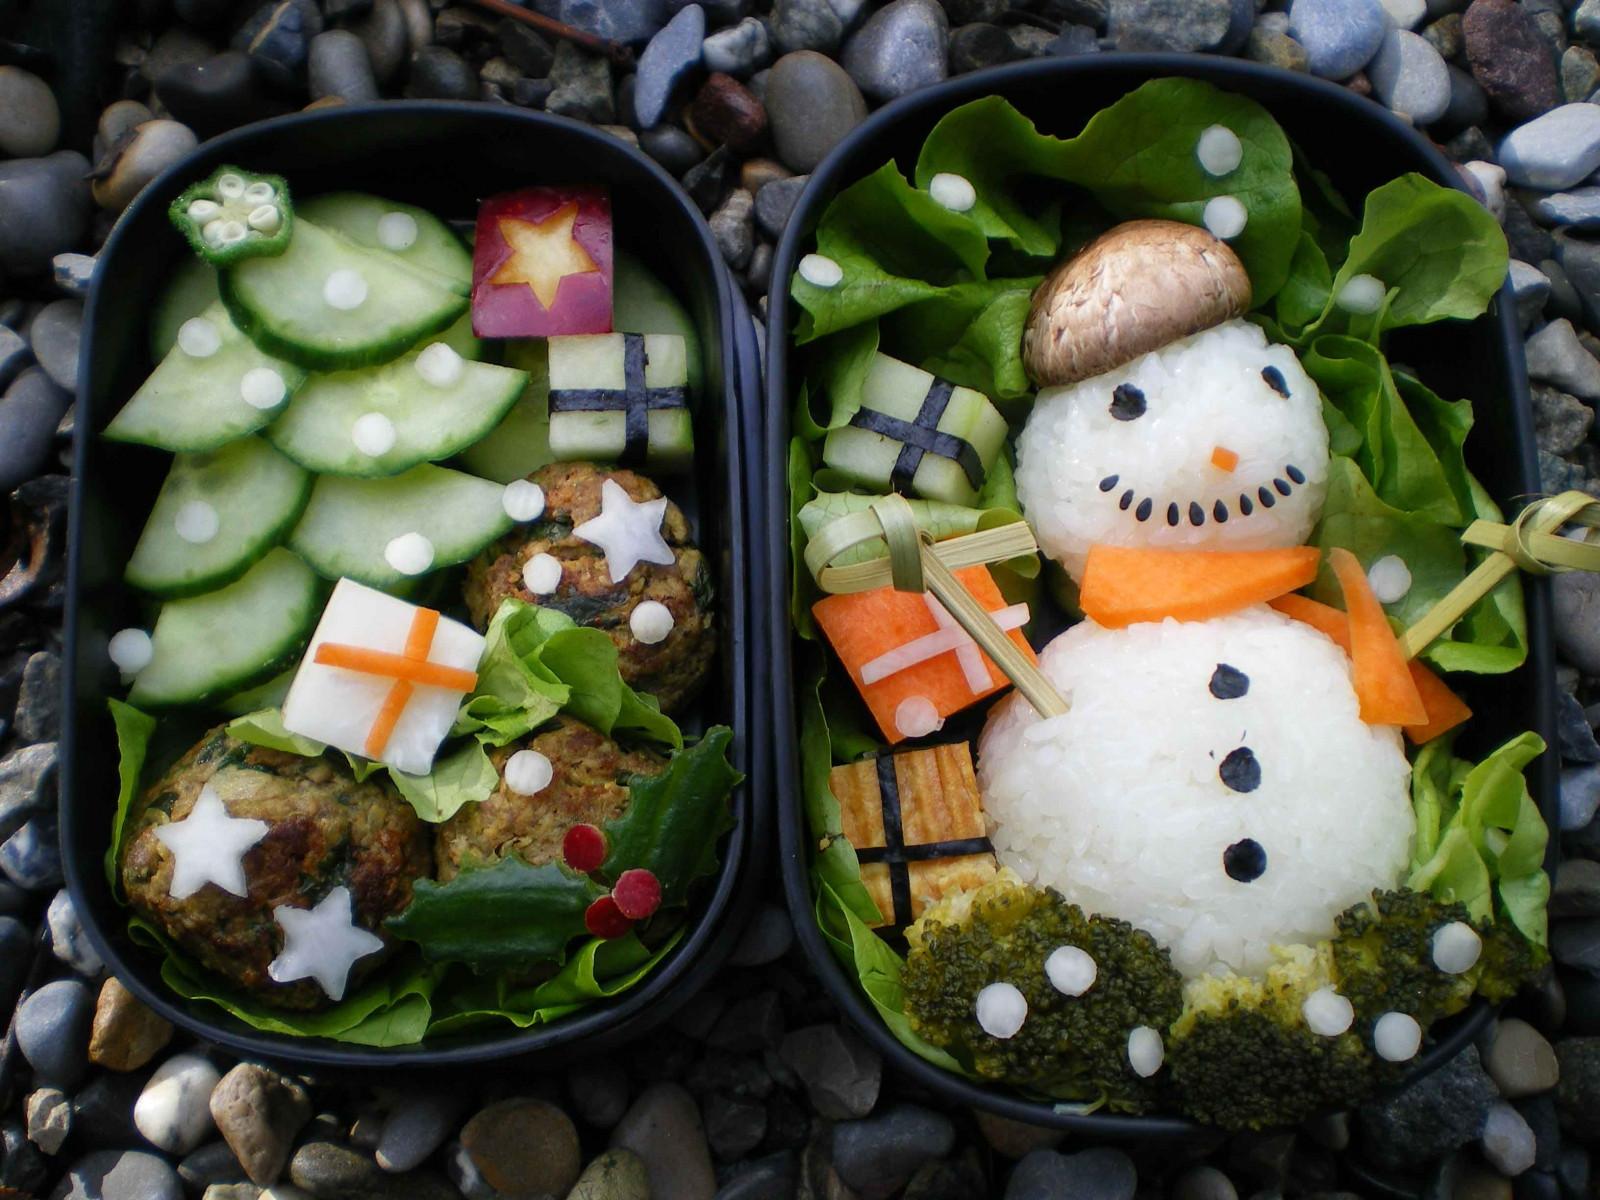 Hintergrundbilder : Lebensmittel, Schneemann, Gurke, Karotte ...